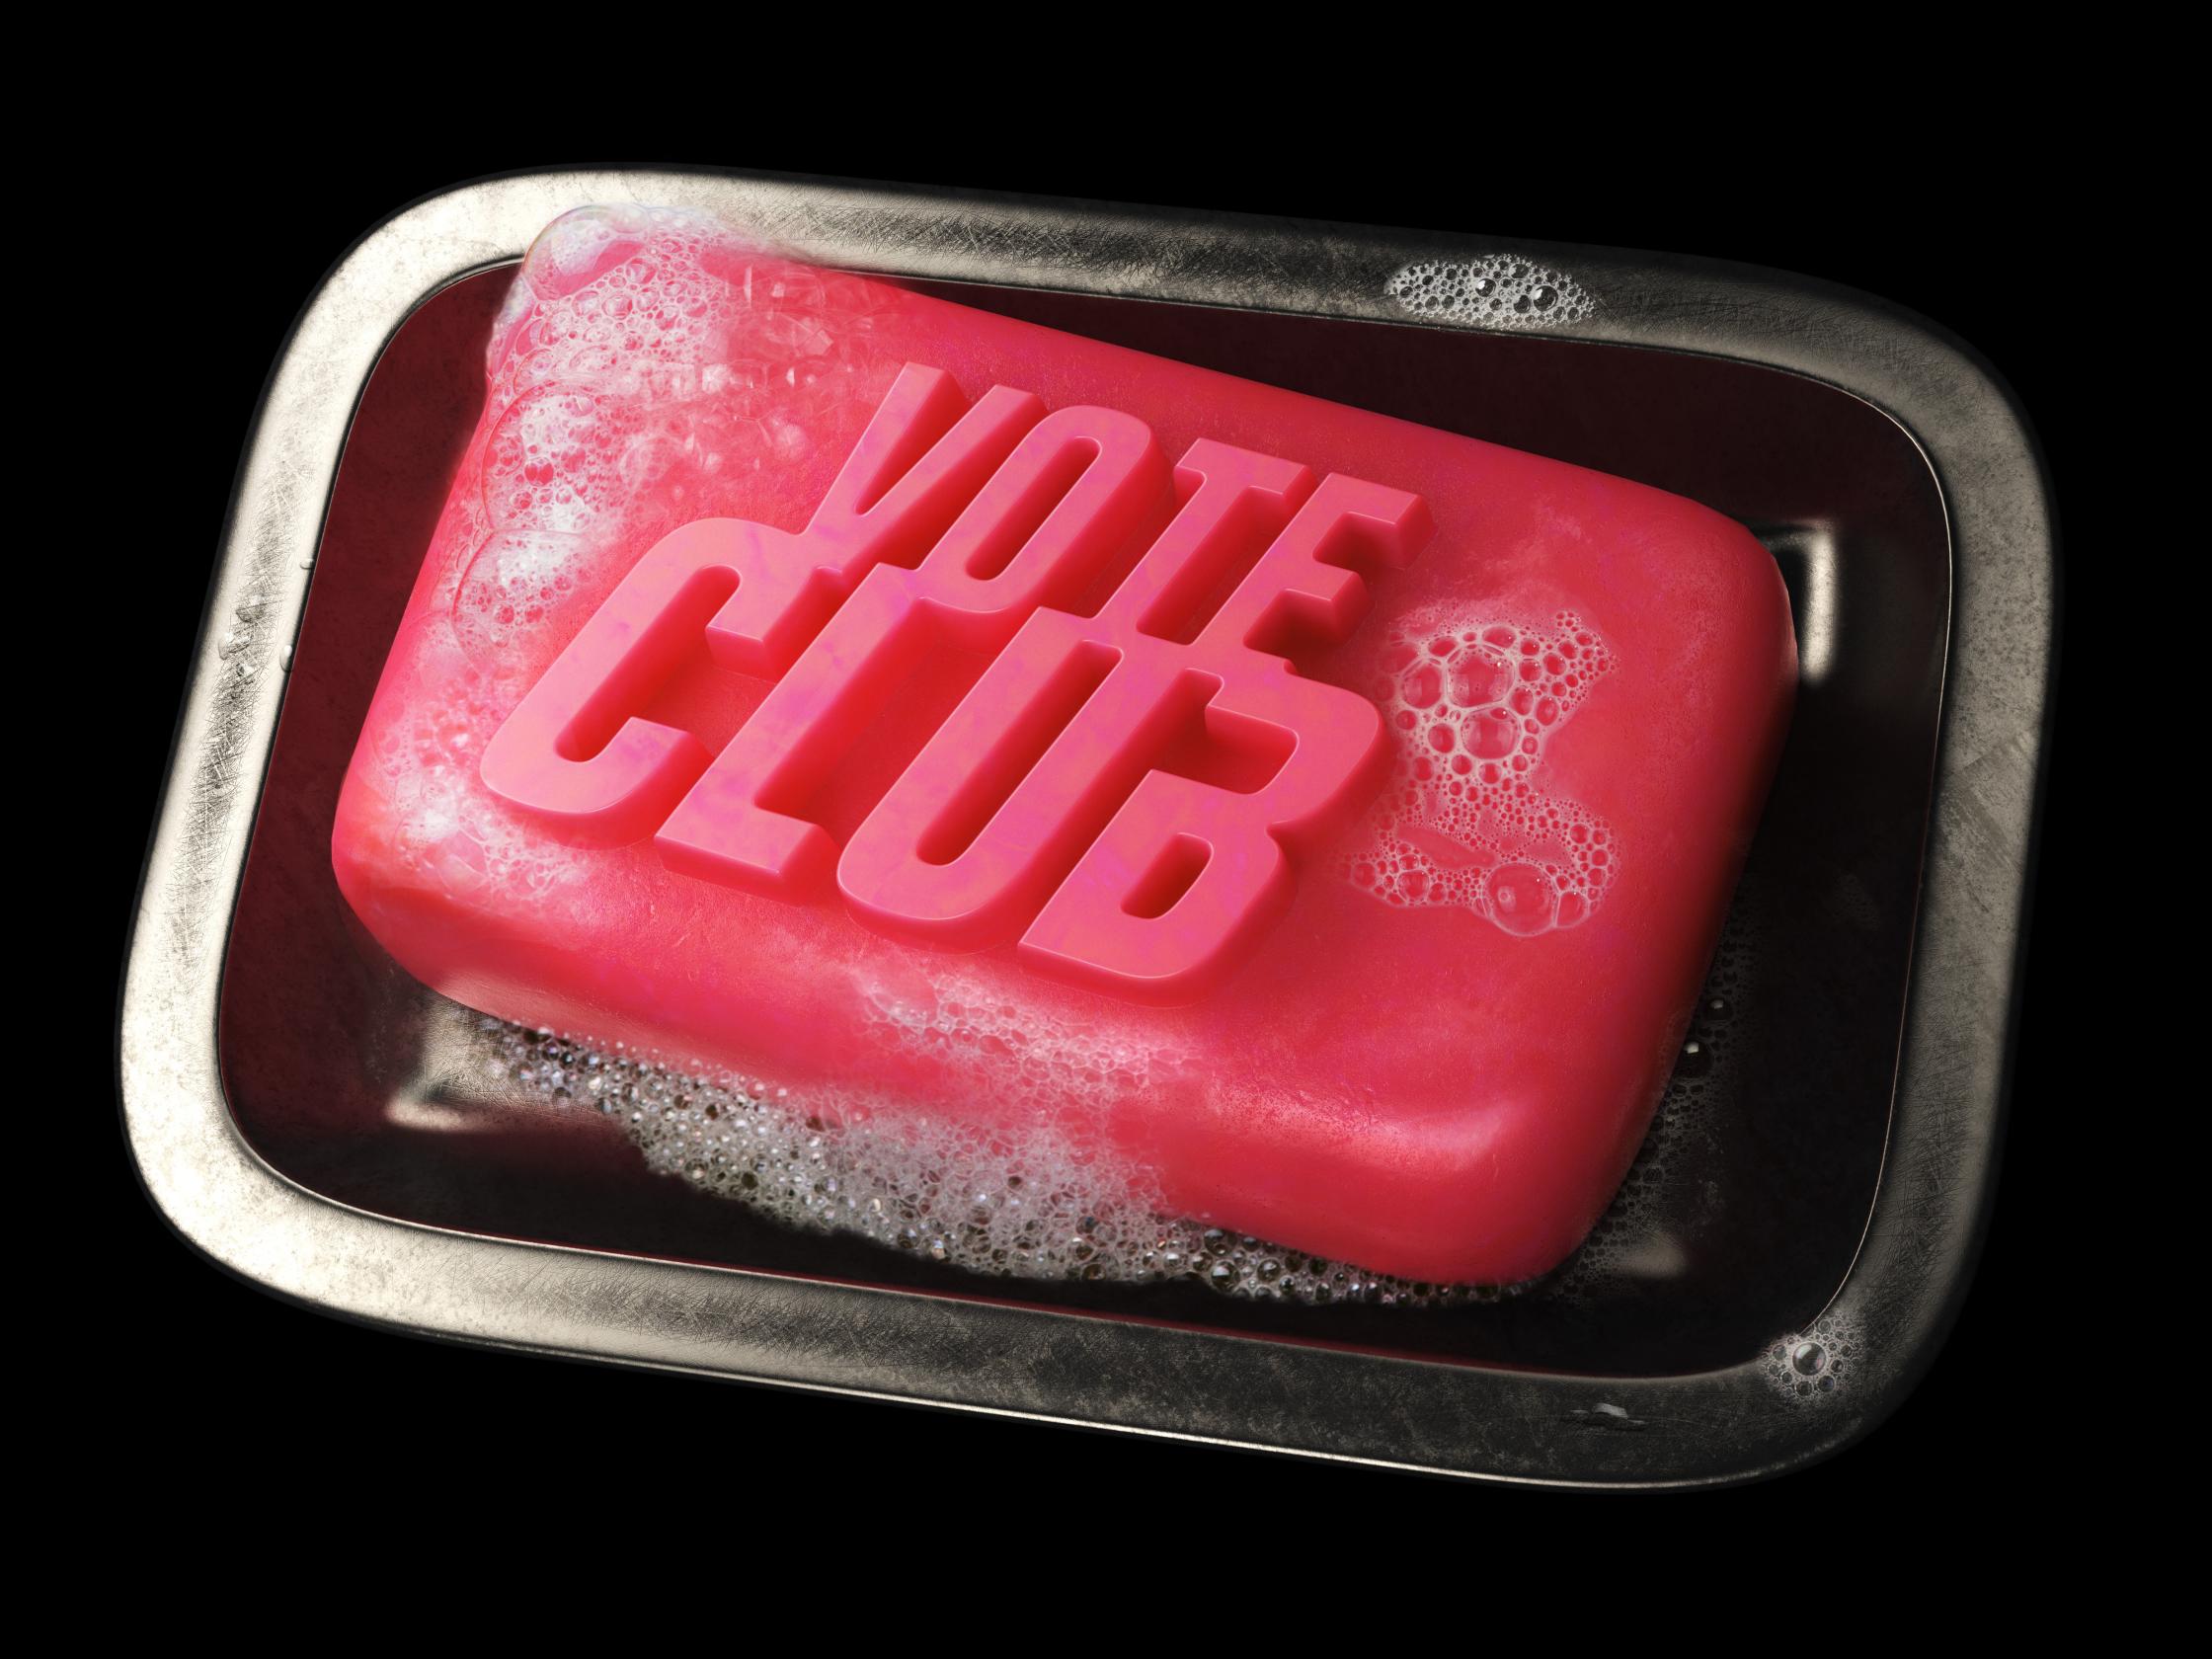 Shortlist / Vote Club